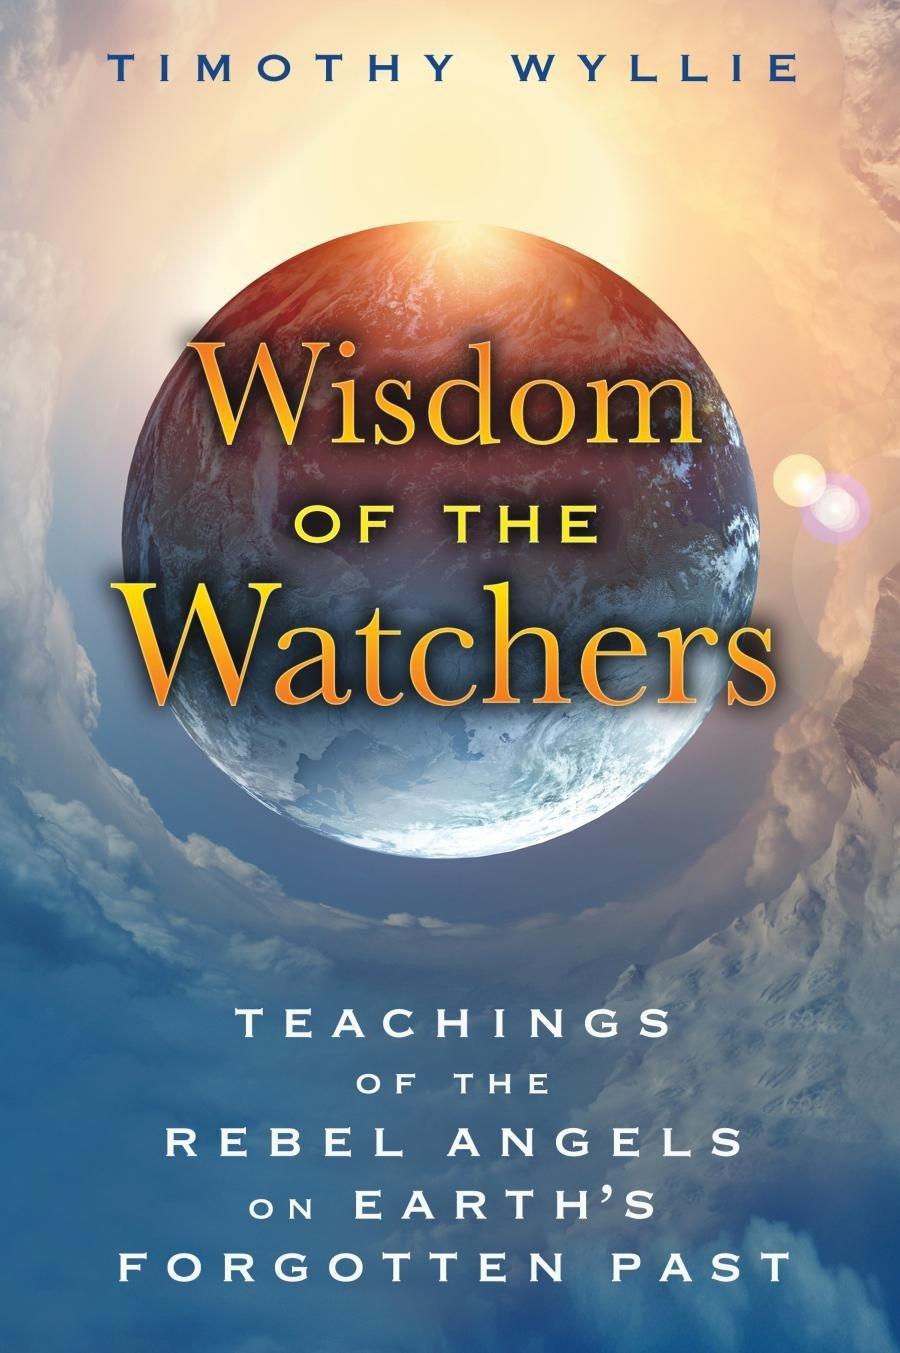 Wisdom of the Watchers by Timothy Wyllie